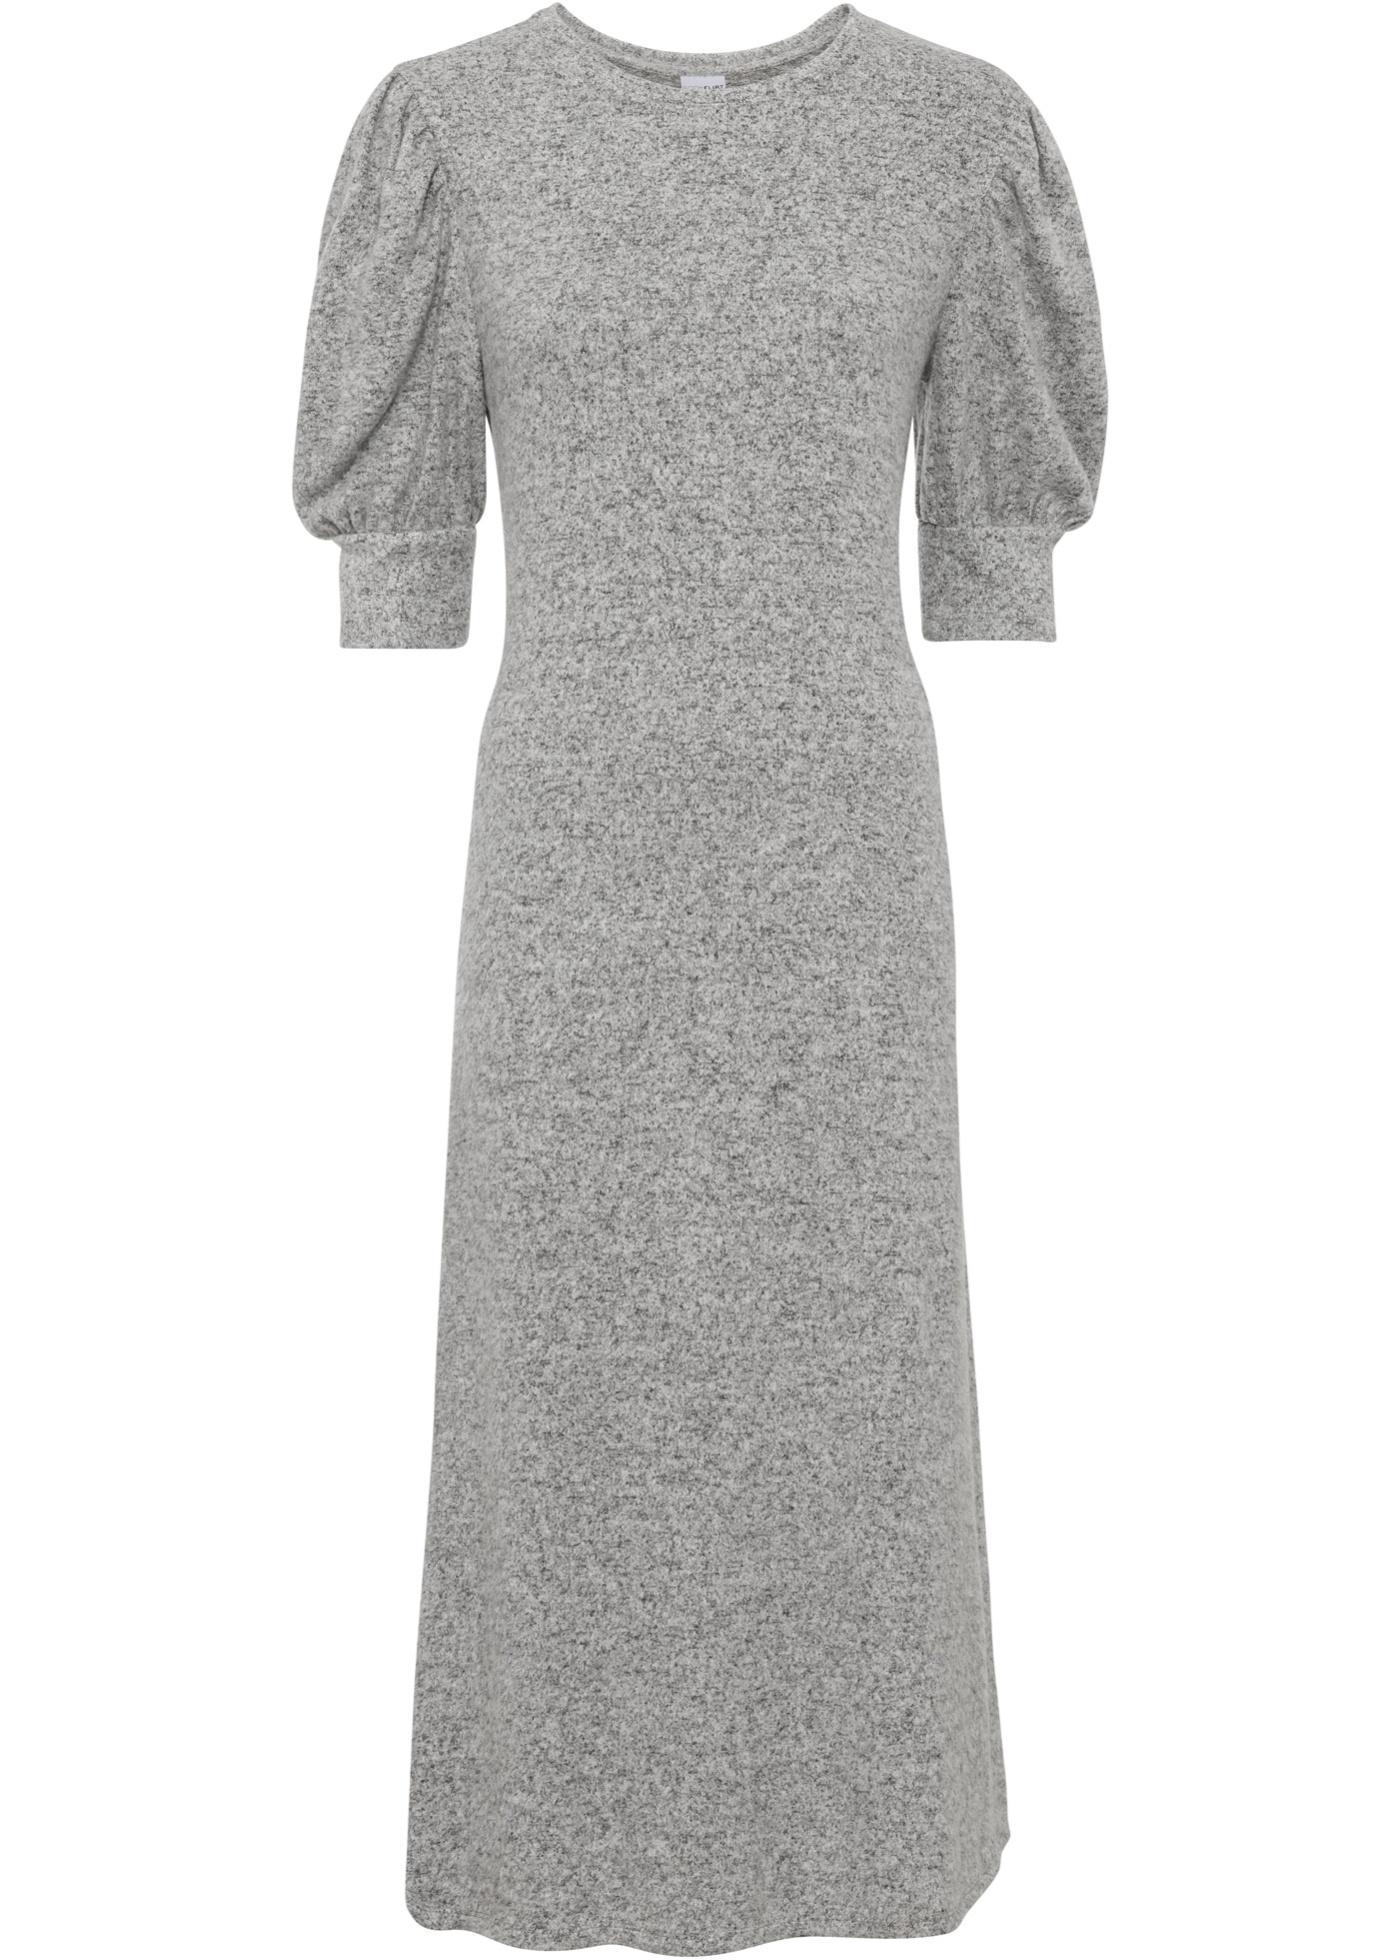 Kuschel-Jerseykleid